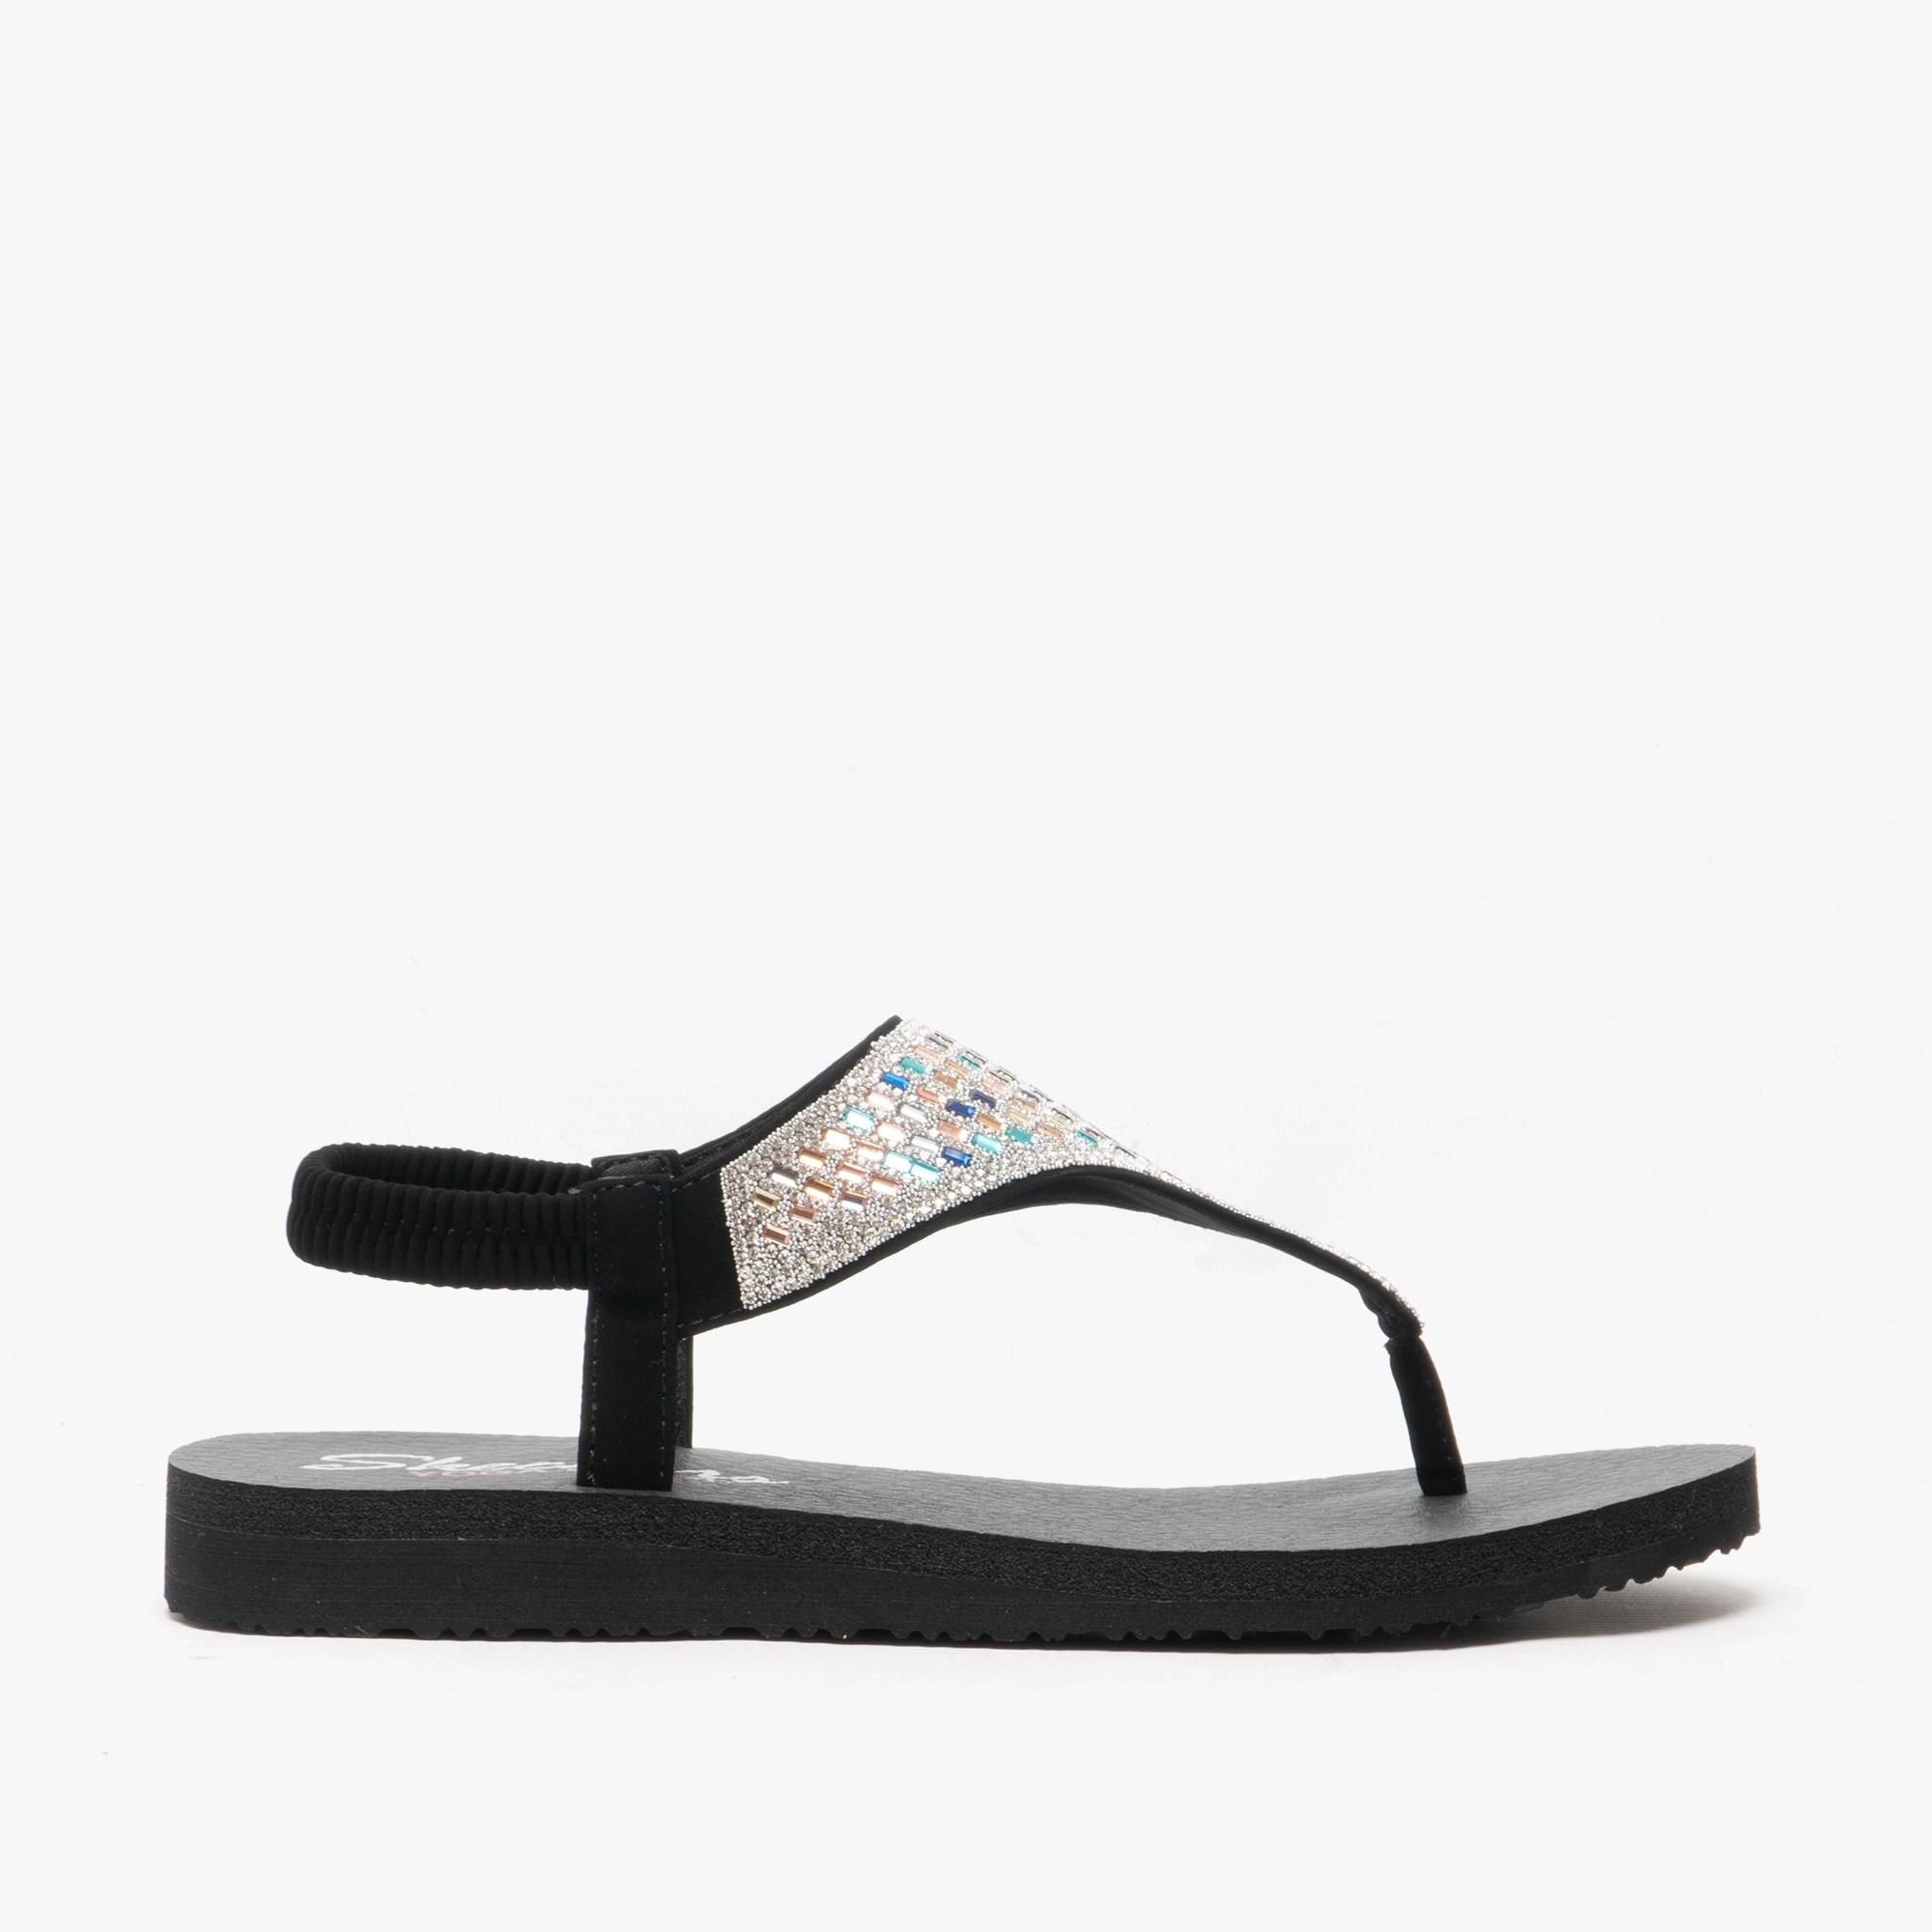 ROCK CROWN Ladies Sandals Black/Multi